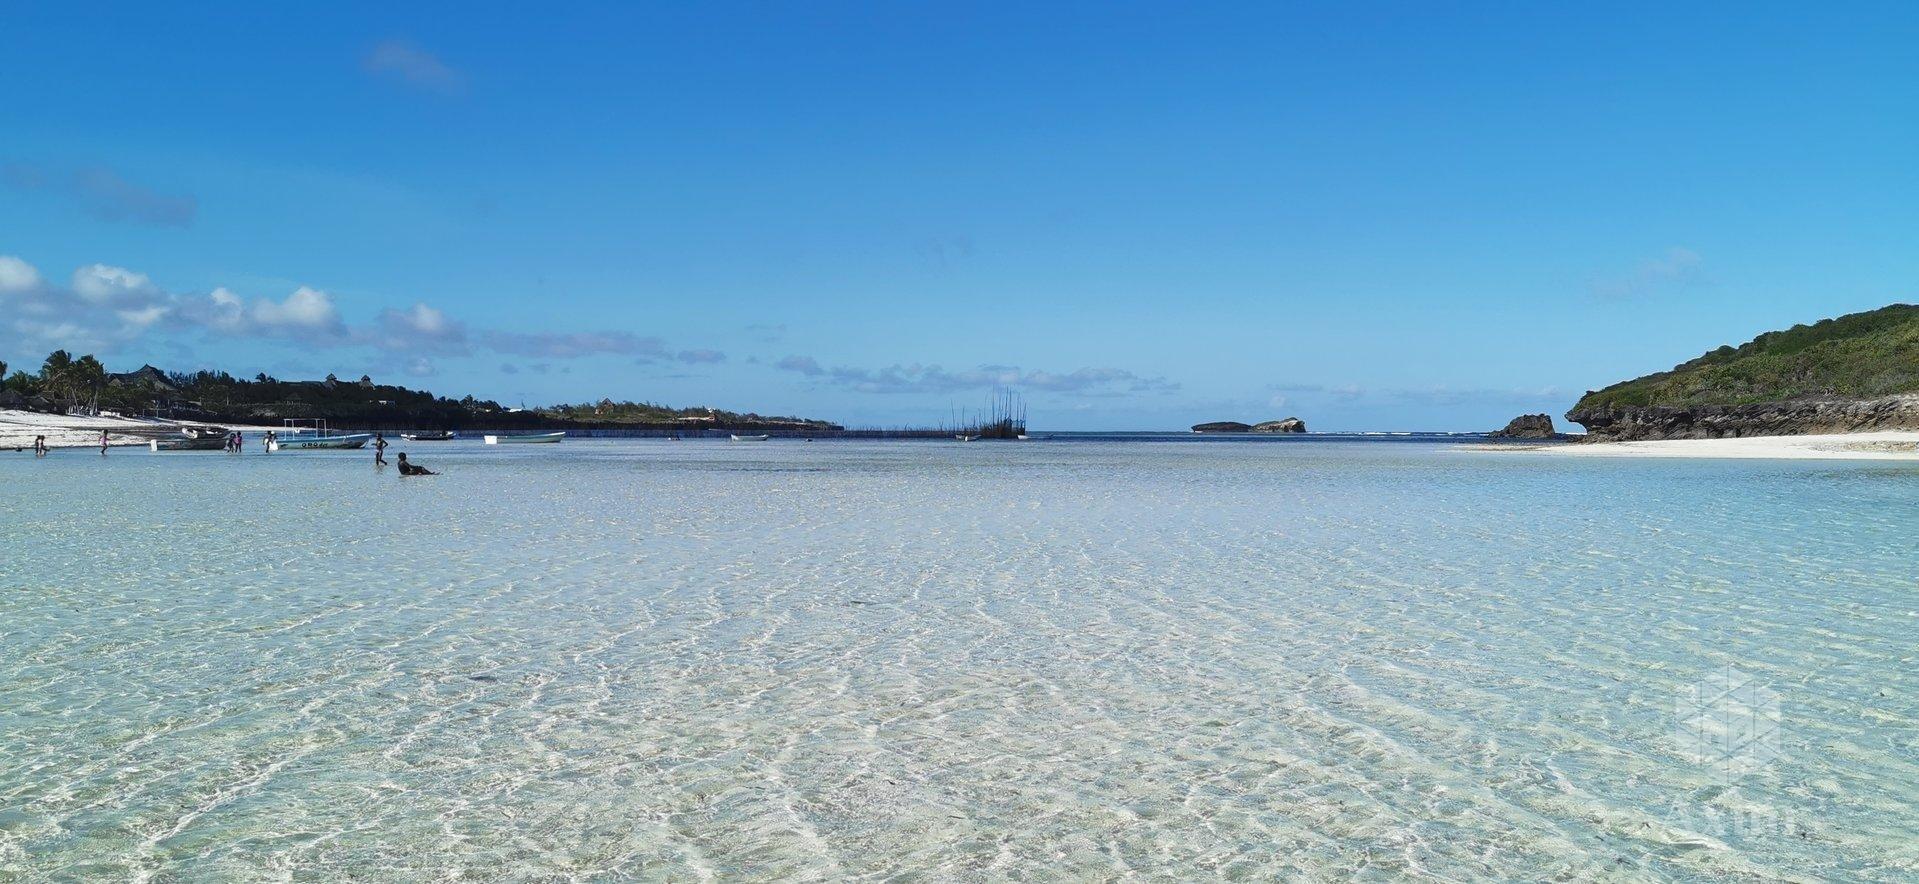 PARADISE BEACH - Kenya - Watamu